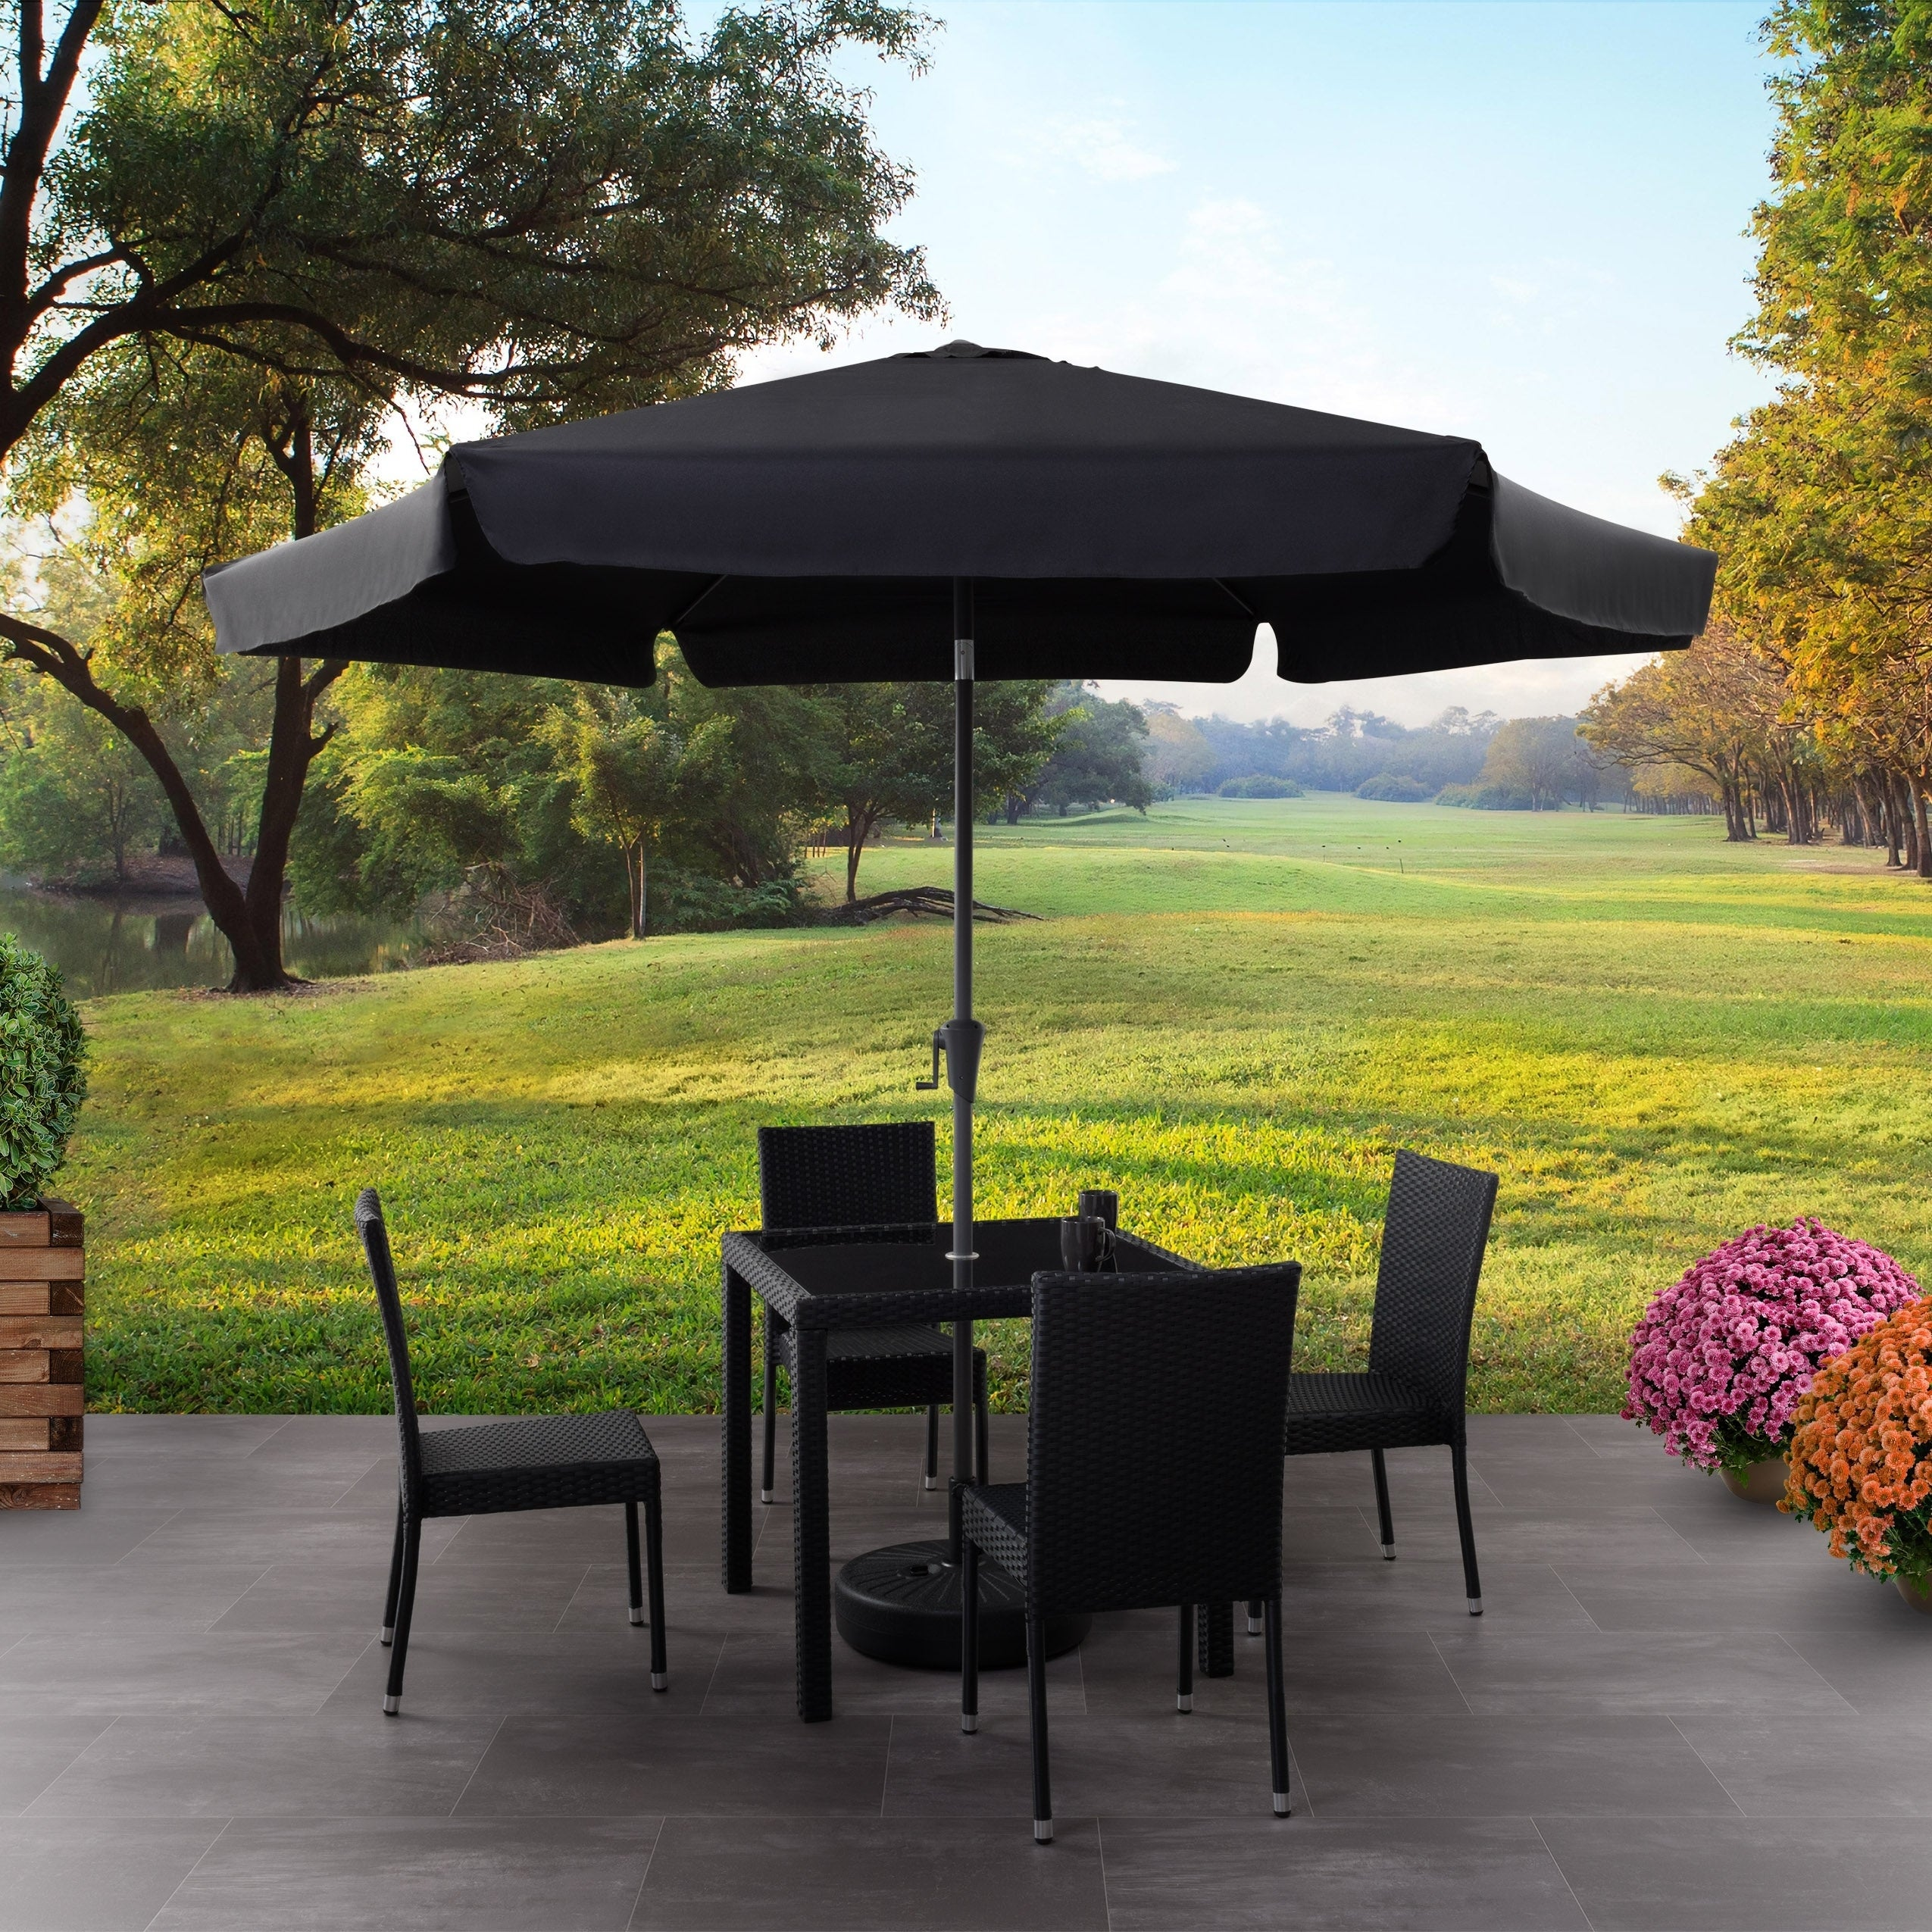 CorLiving Tilting Patio Umbrella at Sears.com